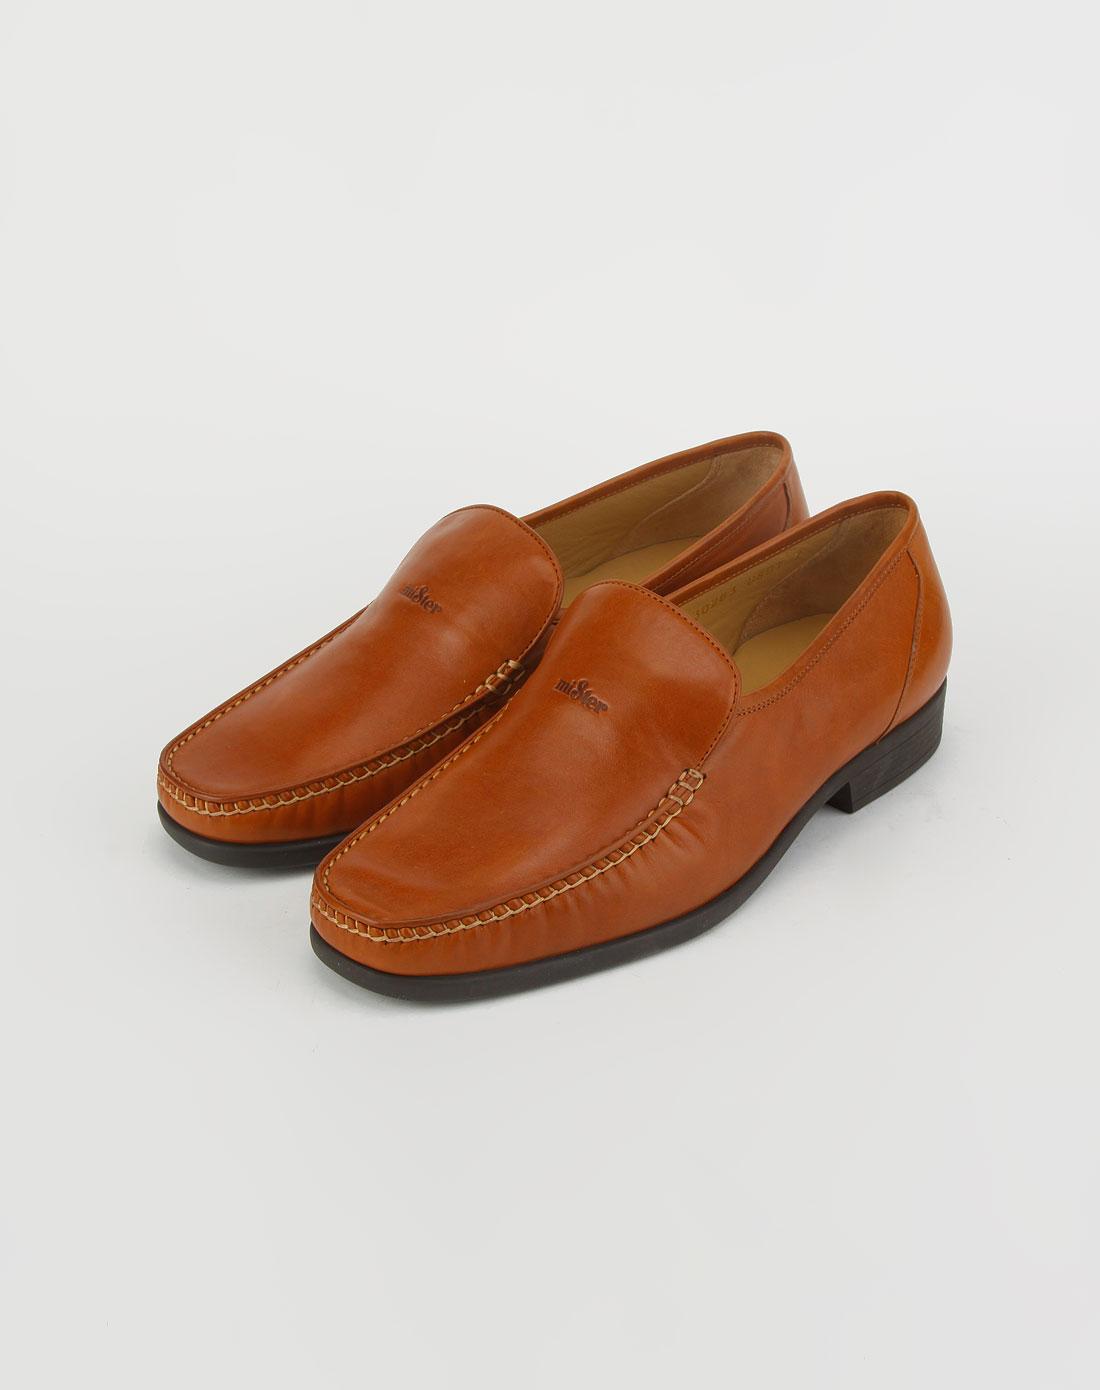 男款棕色镶线皮鞋_名仕特价2-3折